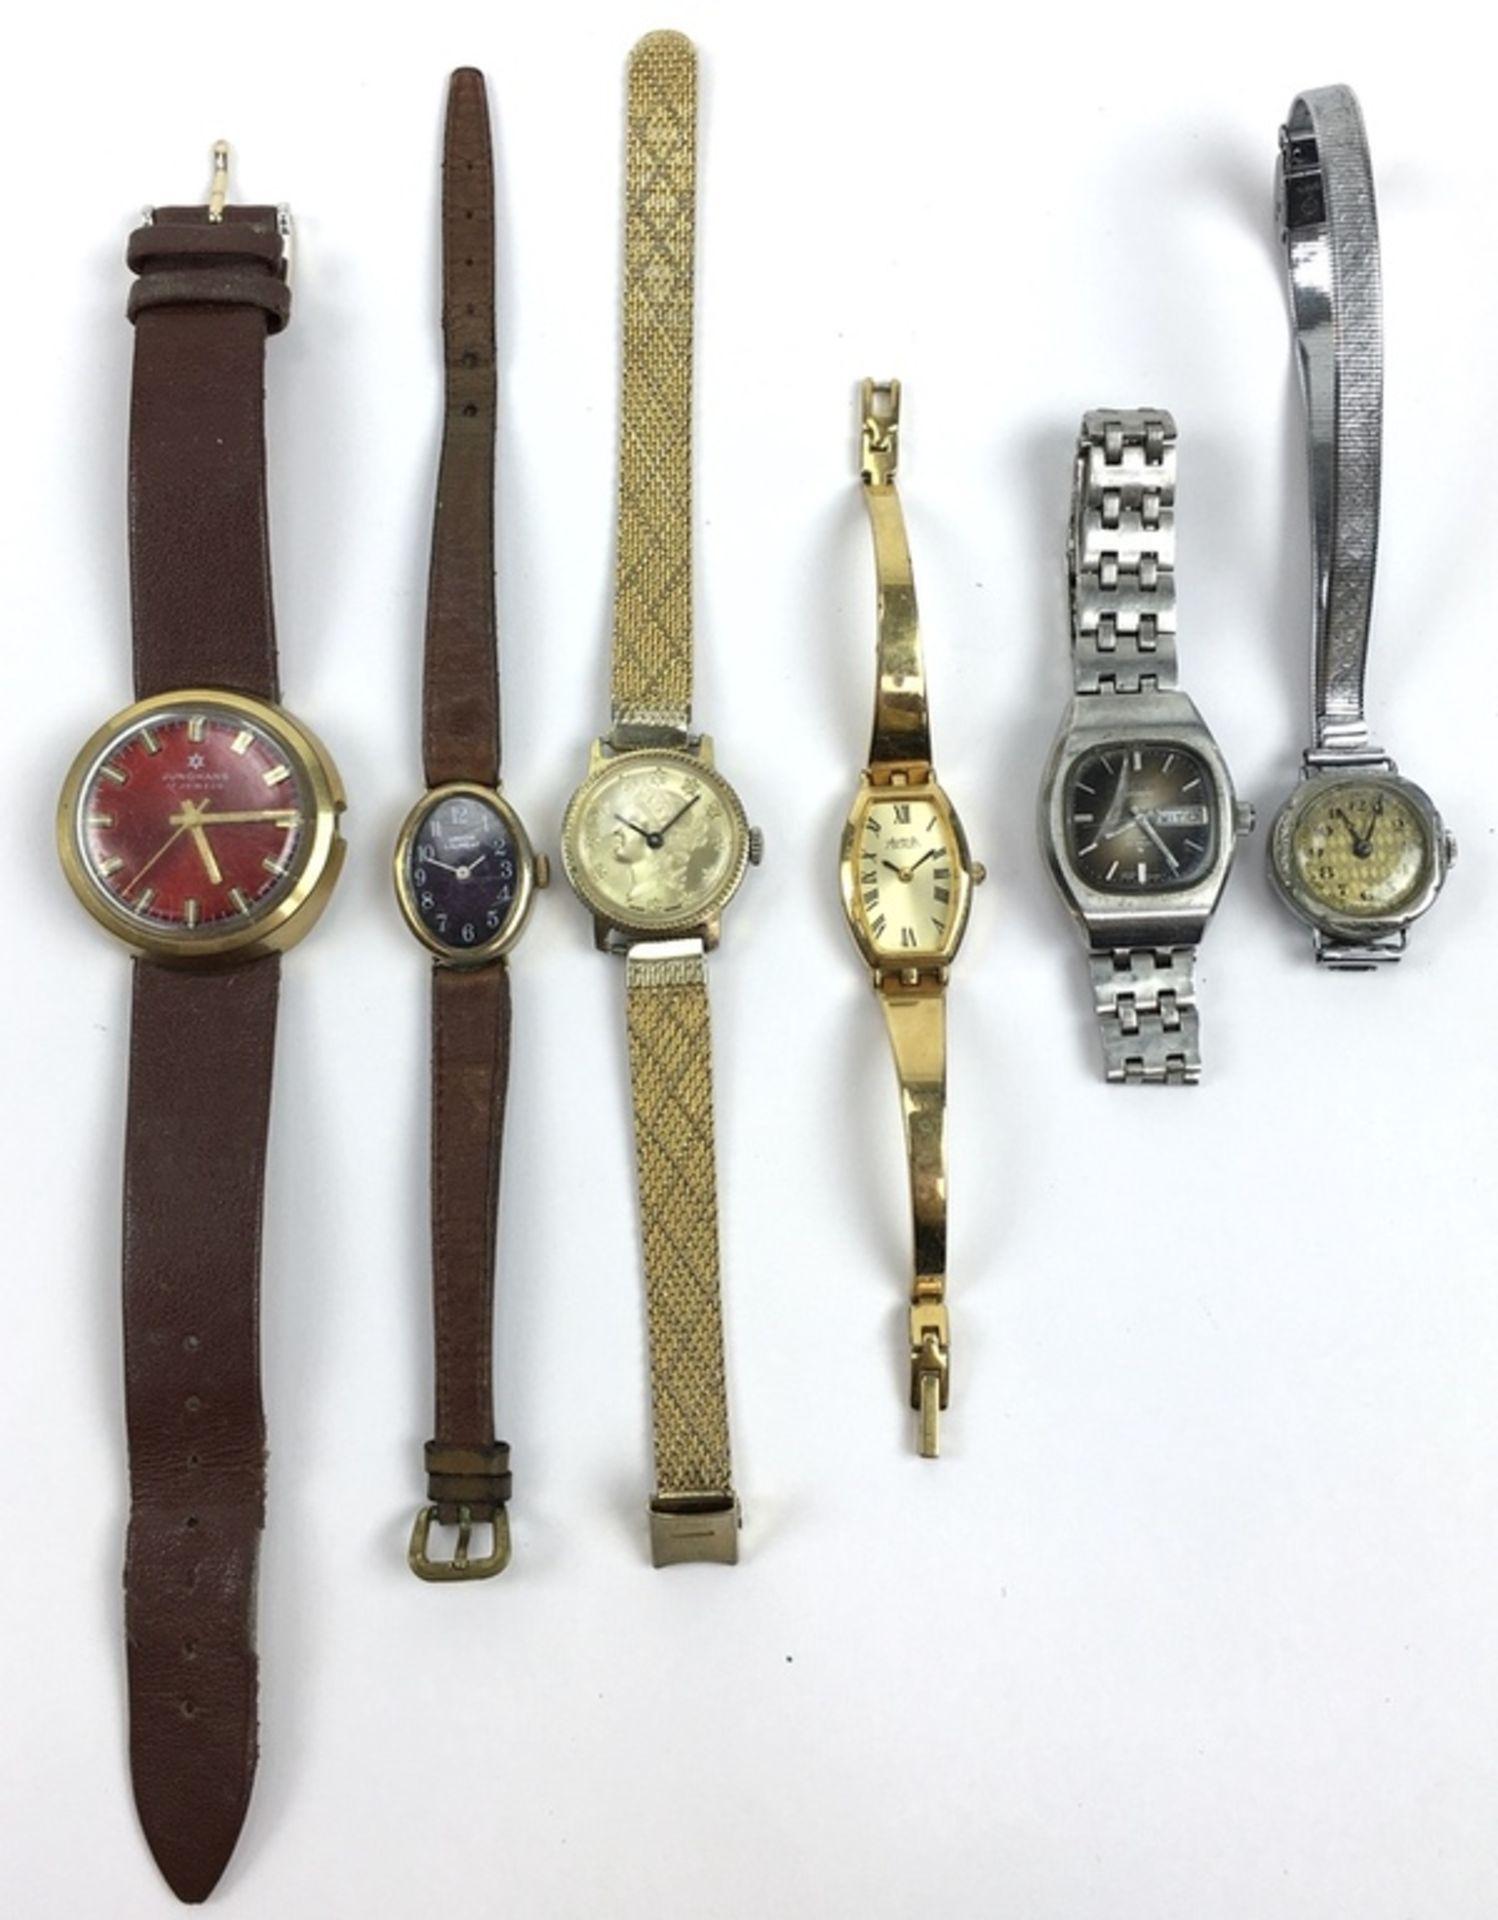 (Sieraden) HorlogesZes verschillende merken horloges, waaronder een Junghans. Conditie: Gebruik